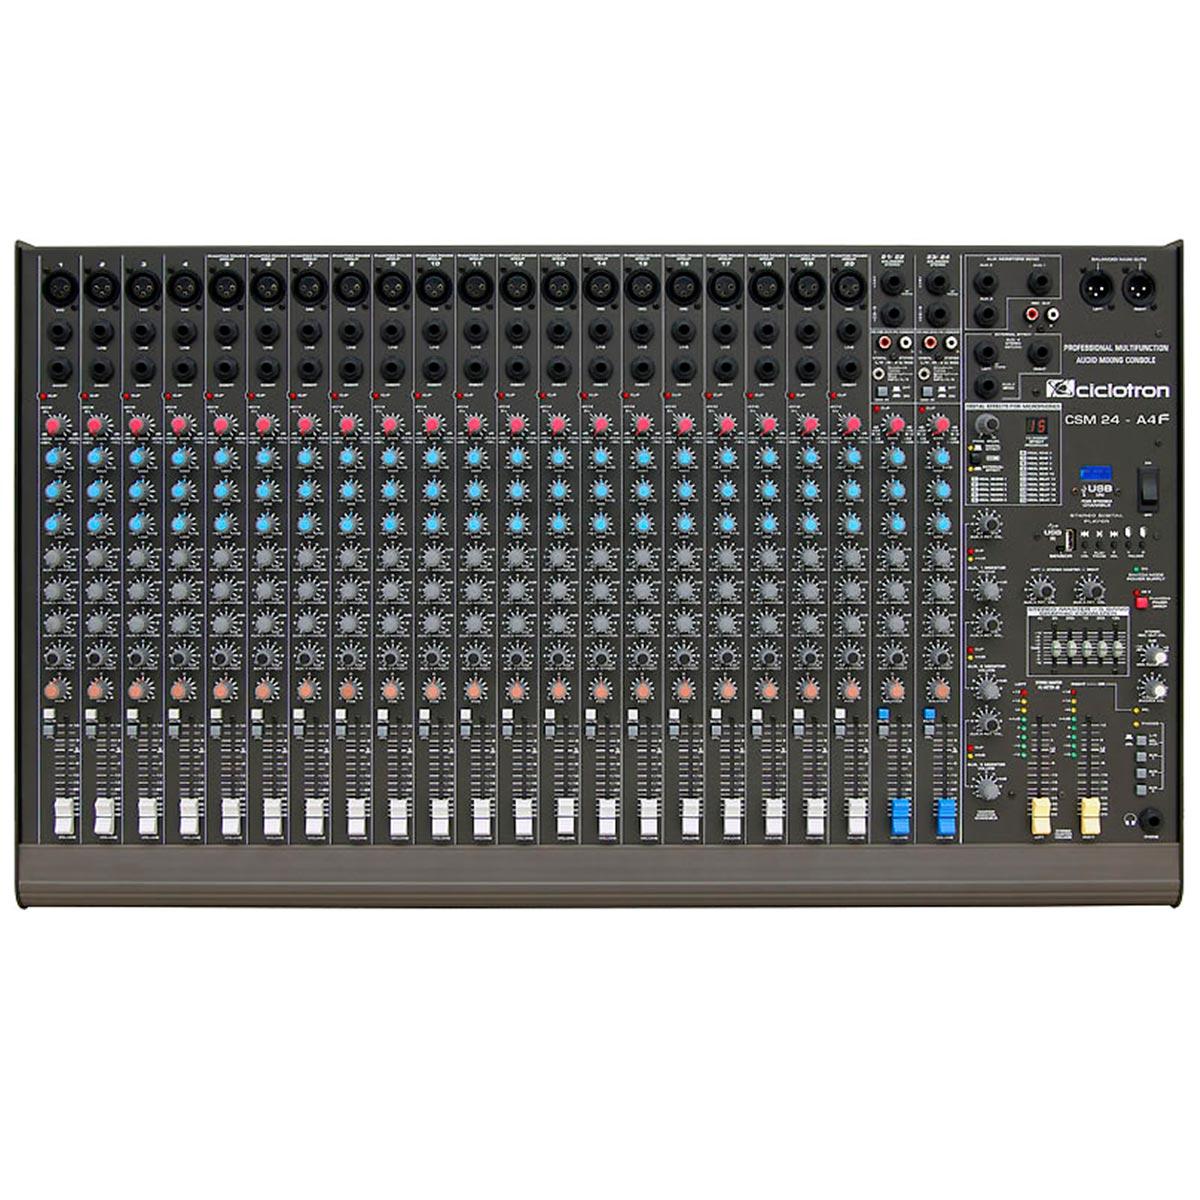 CSM24A4F - Mesa de Som / Mixer 24 Canais USB CSM 24 A 4 F - Ciclotron